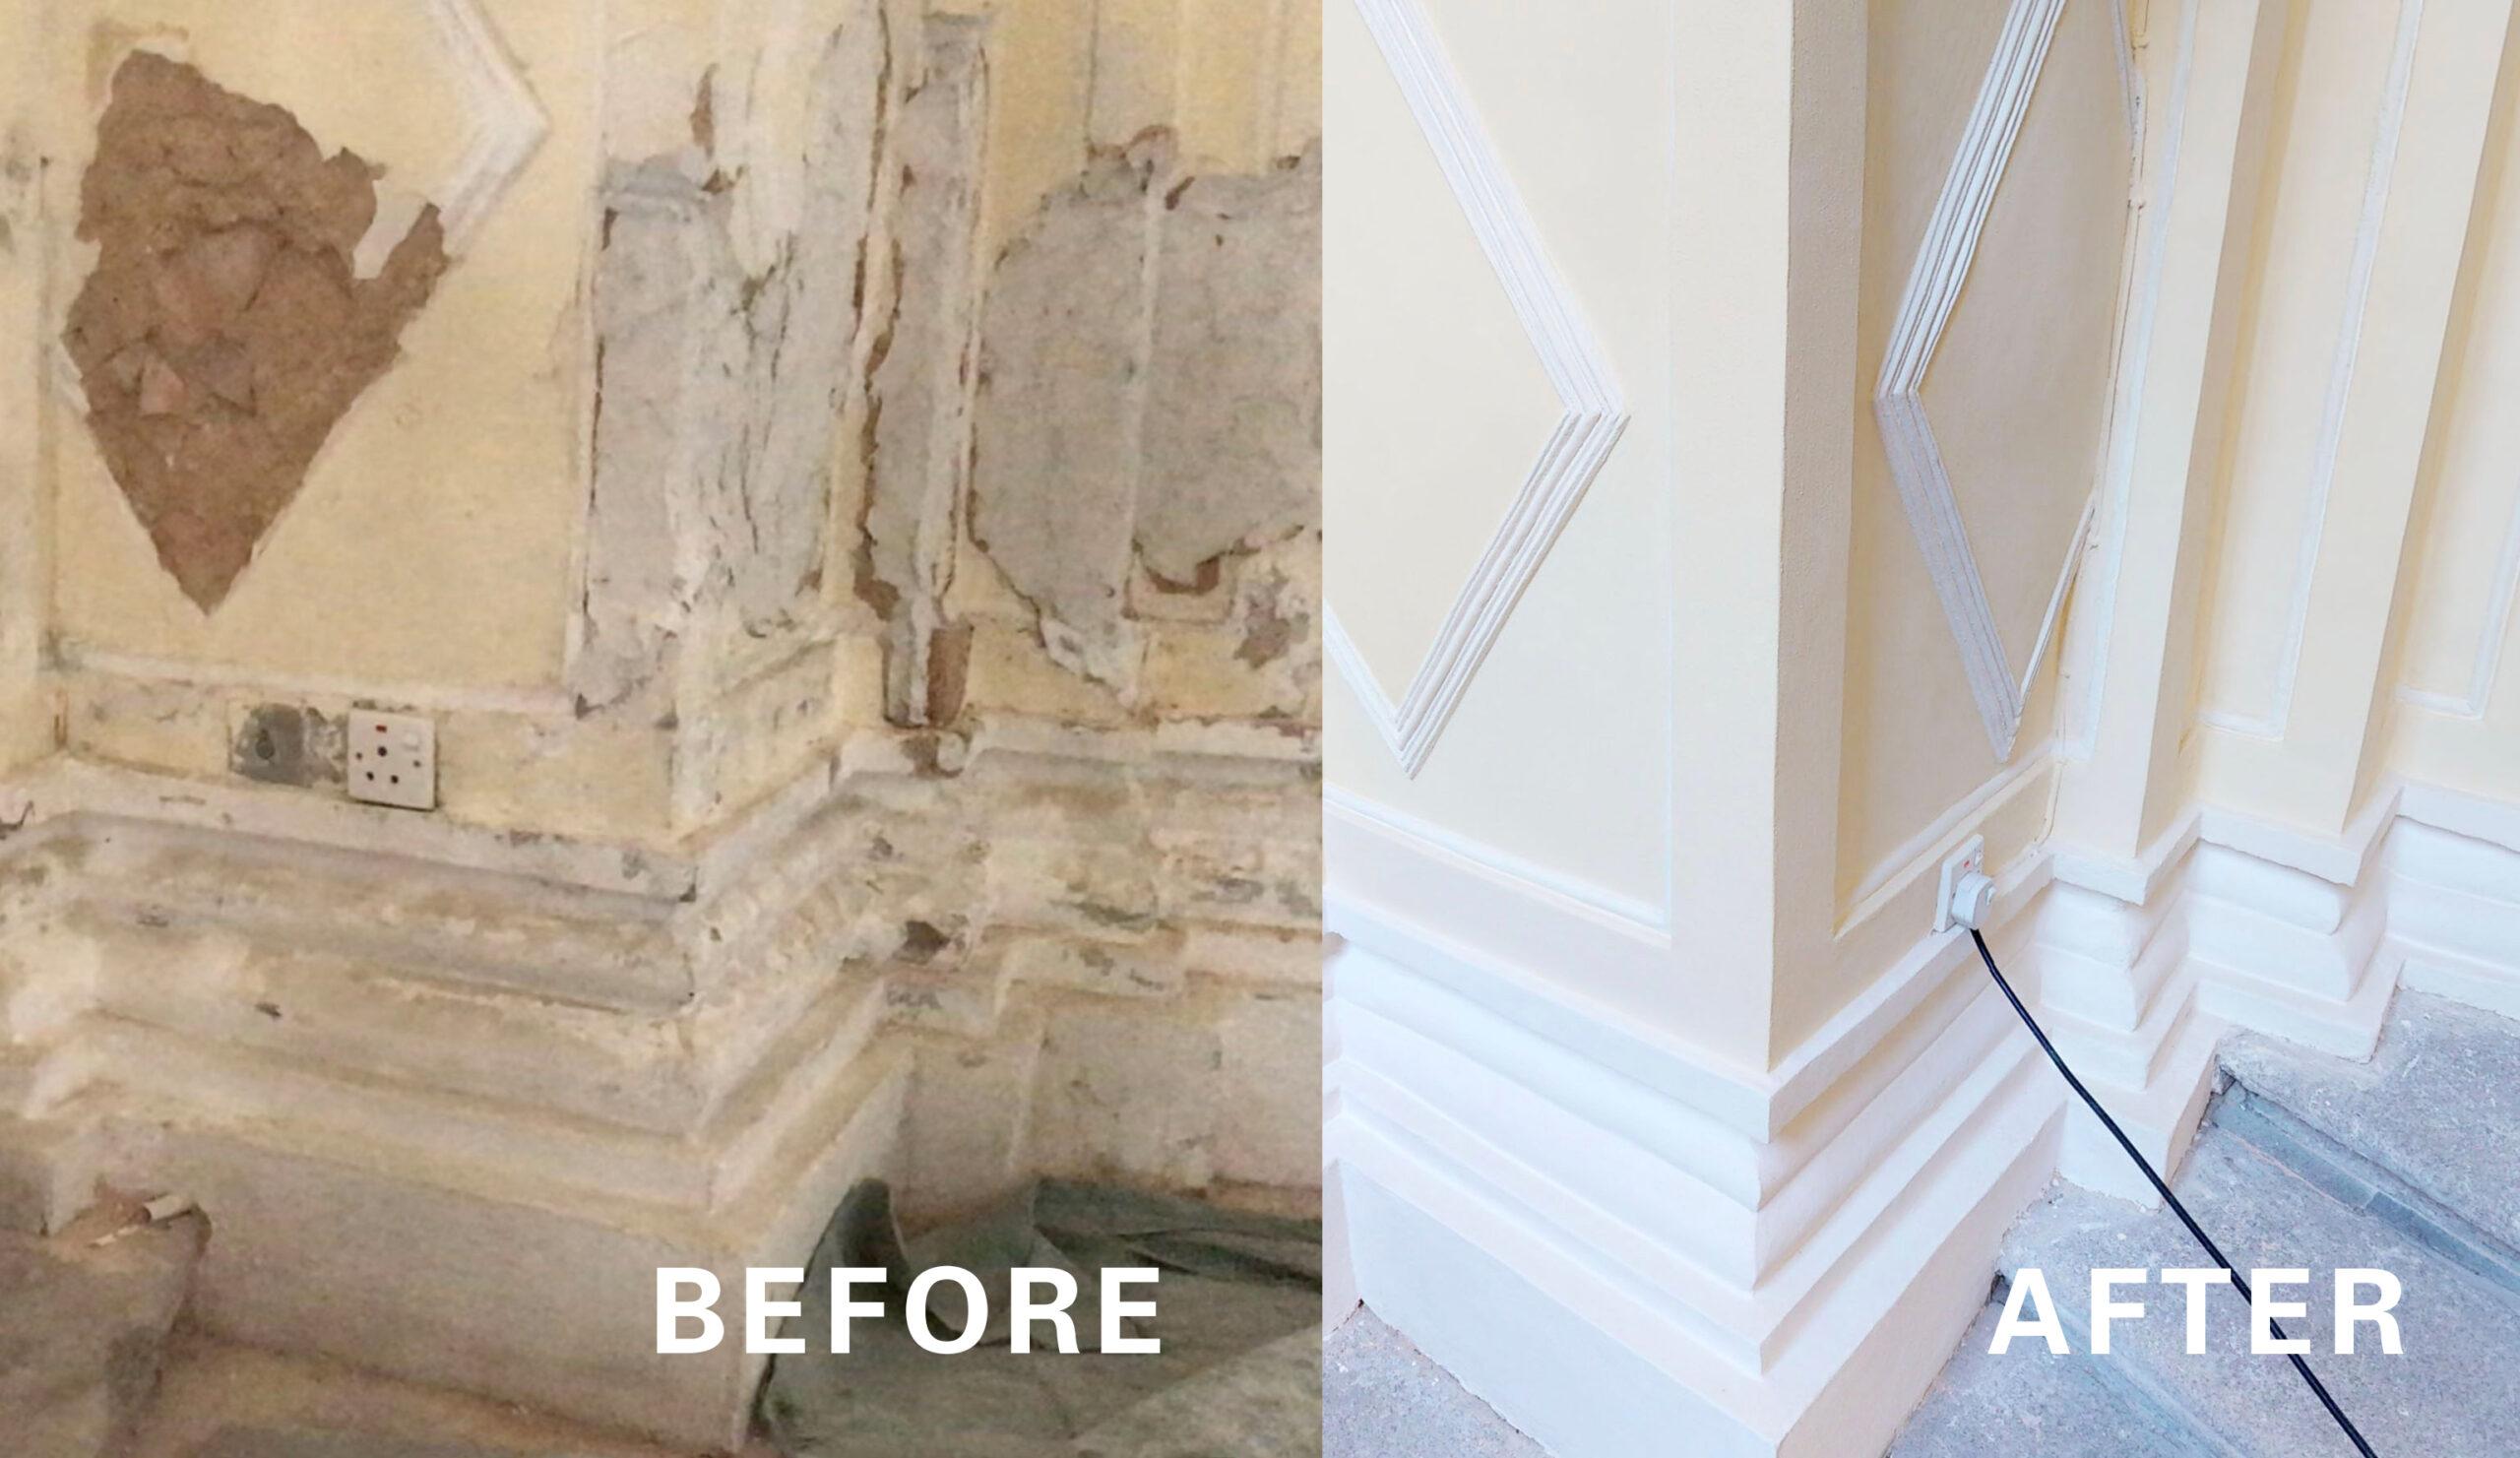 文物修復的前後對比,VR360 解決建築施工驗收